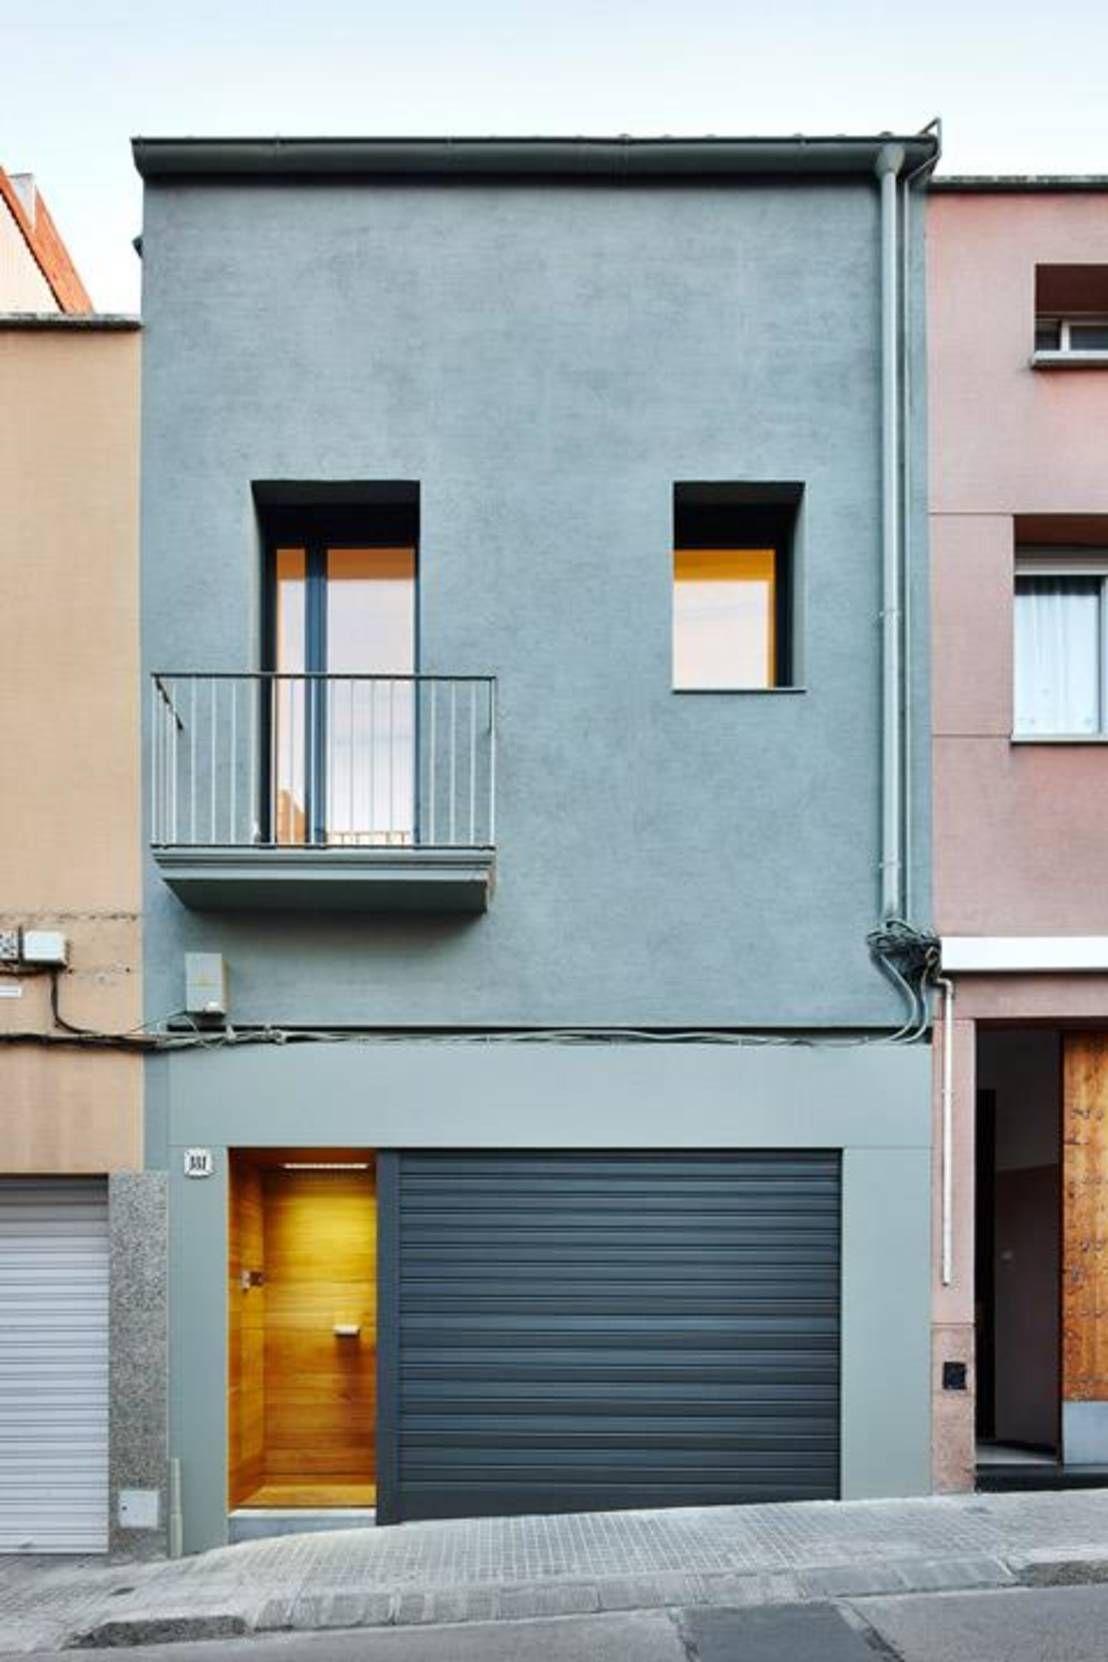 El sorprendente interior de una casa normal fachadas - Vivienda entre medianeras ...